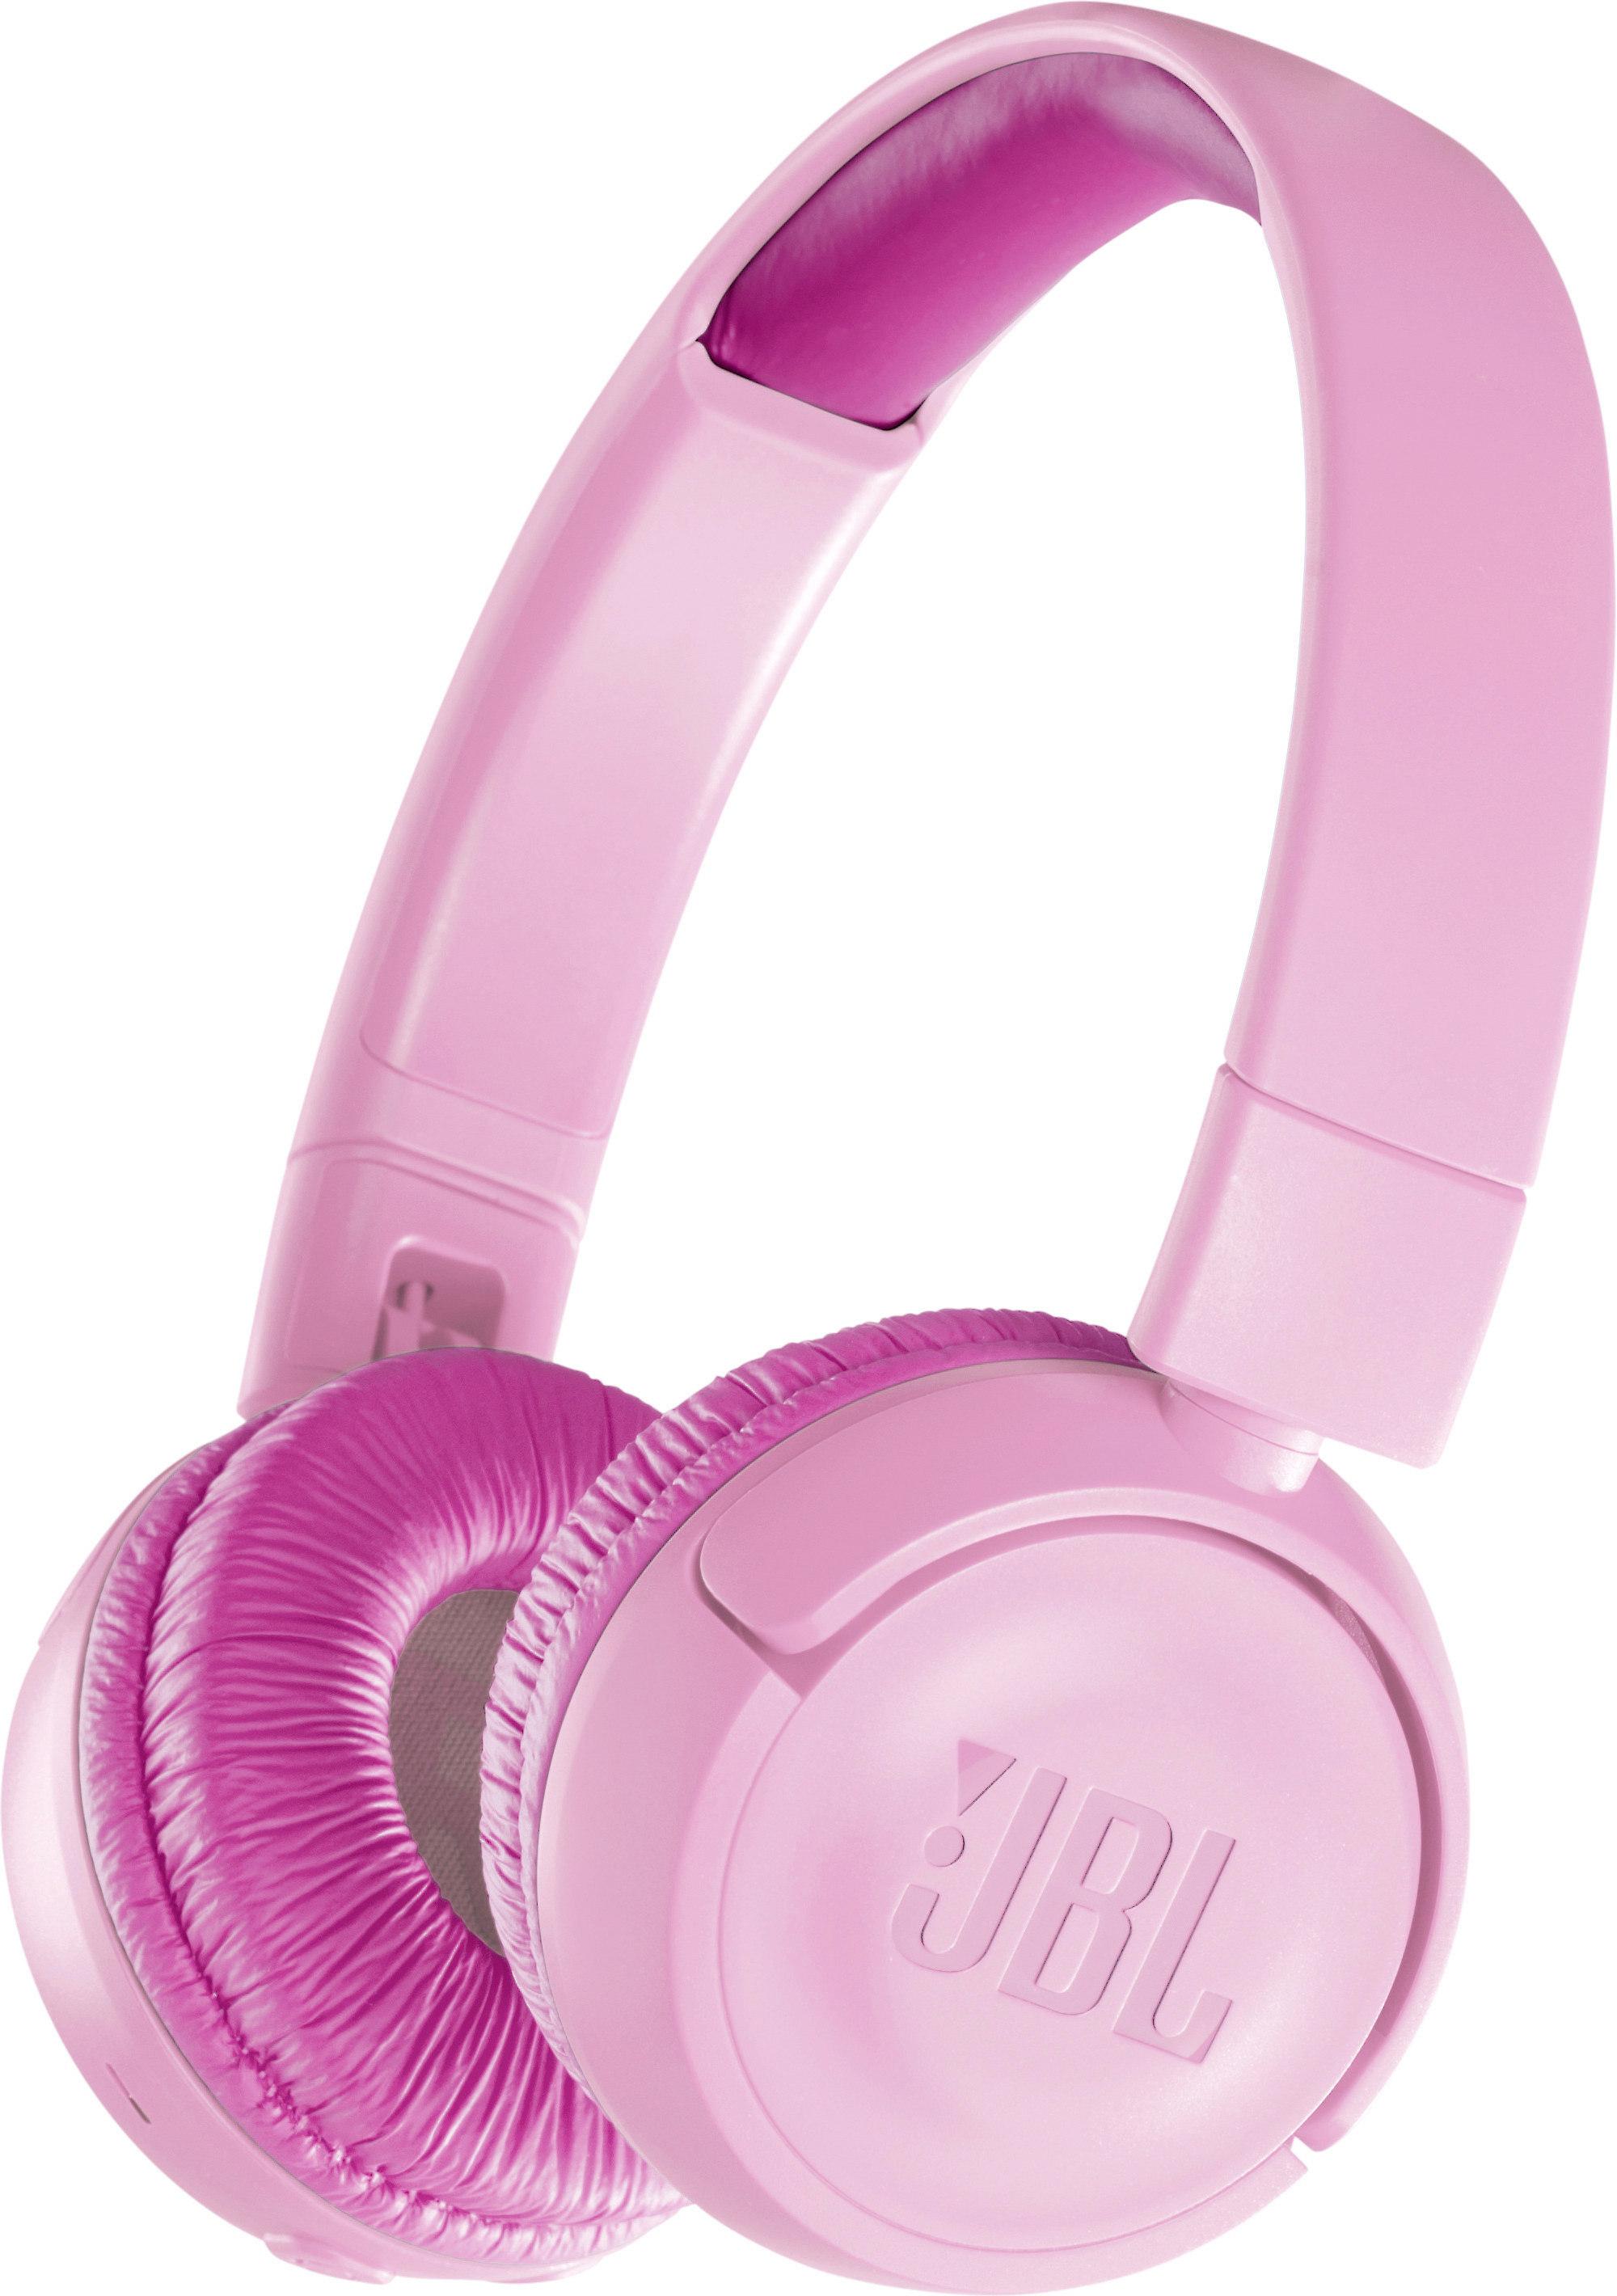 JBL JR 300BT Kids On-Ear Wireless Headphones . Authorized De